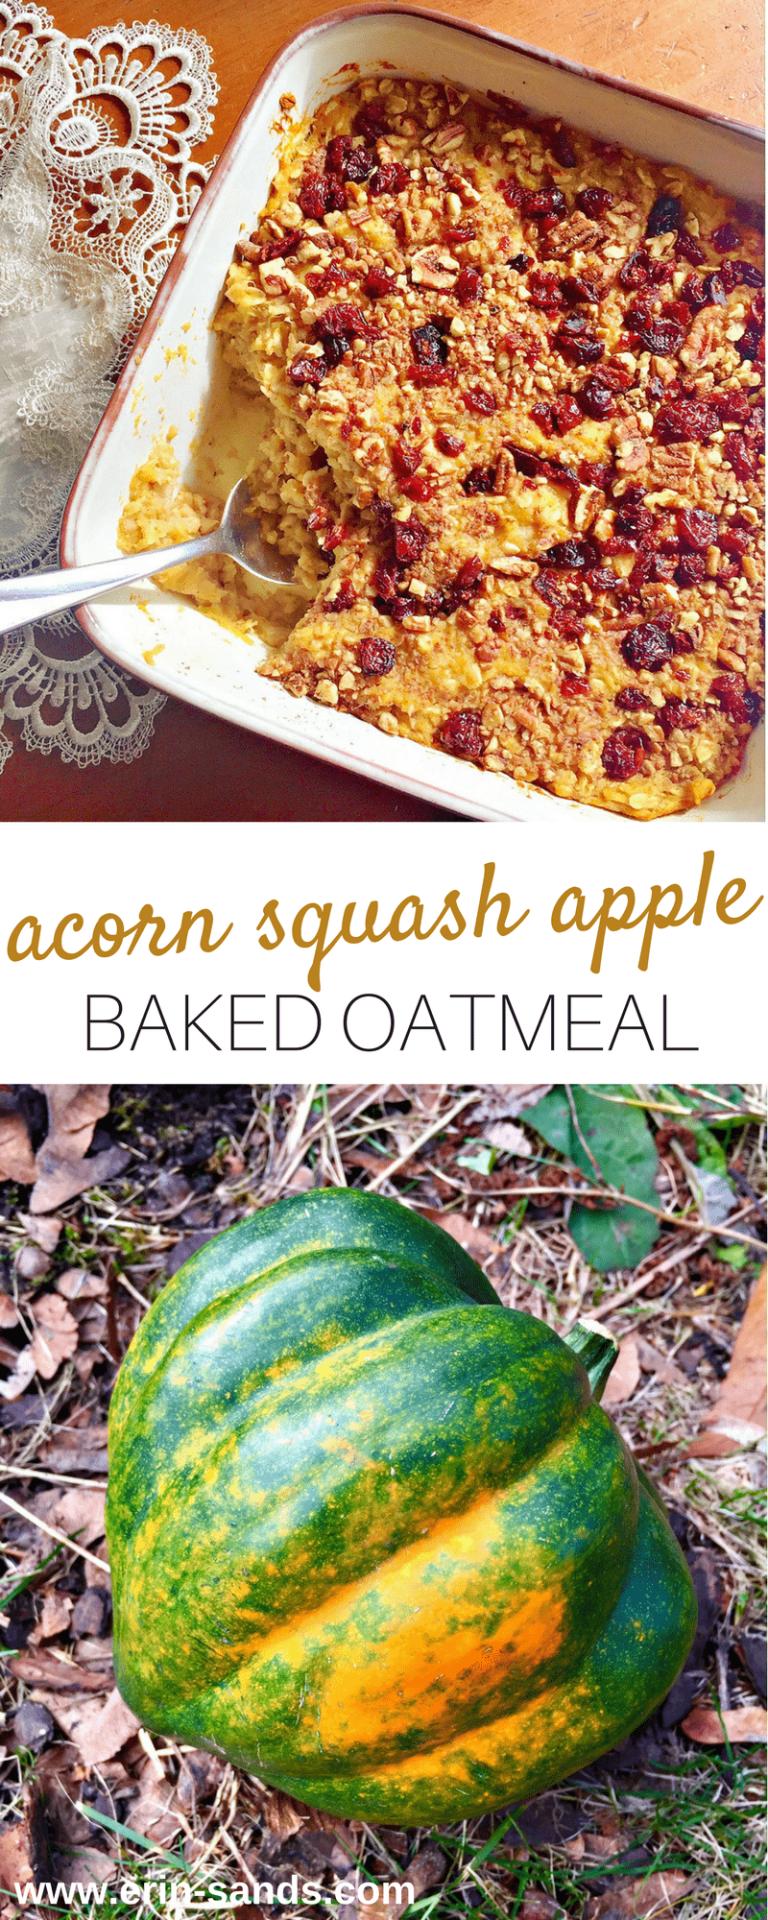 Acorn Squash Apple Baked Oatmeal Recipe Baked Squash Baked